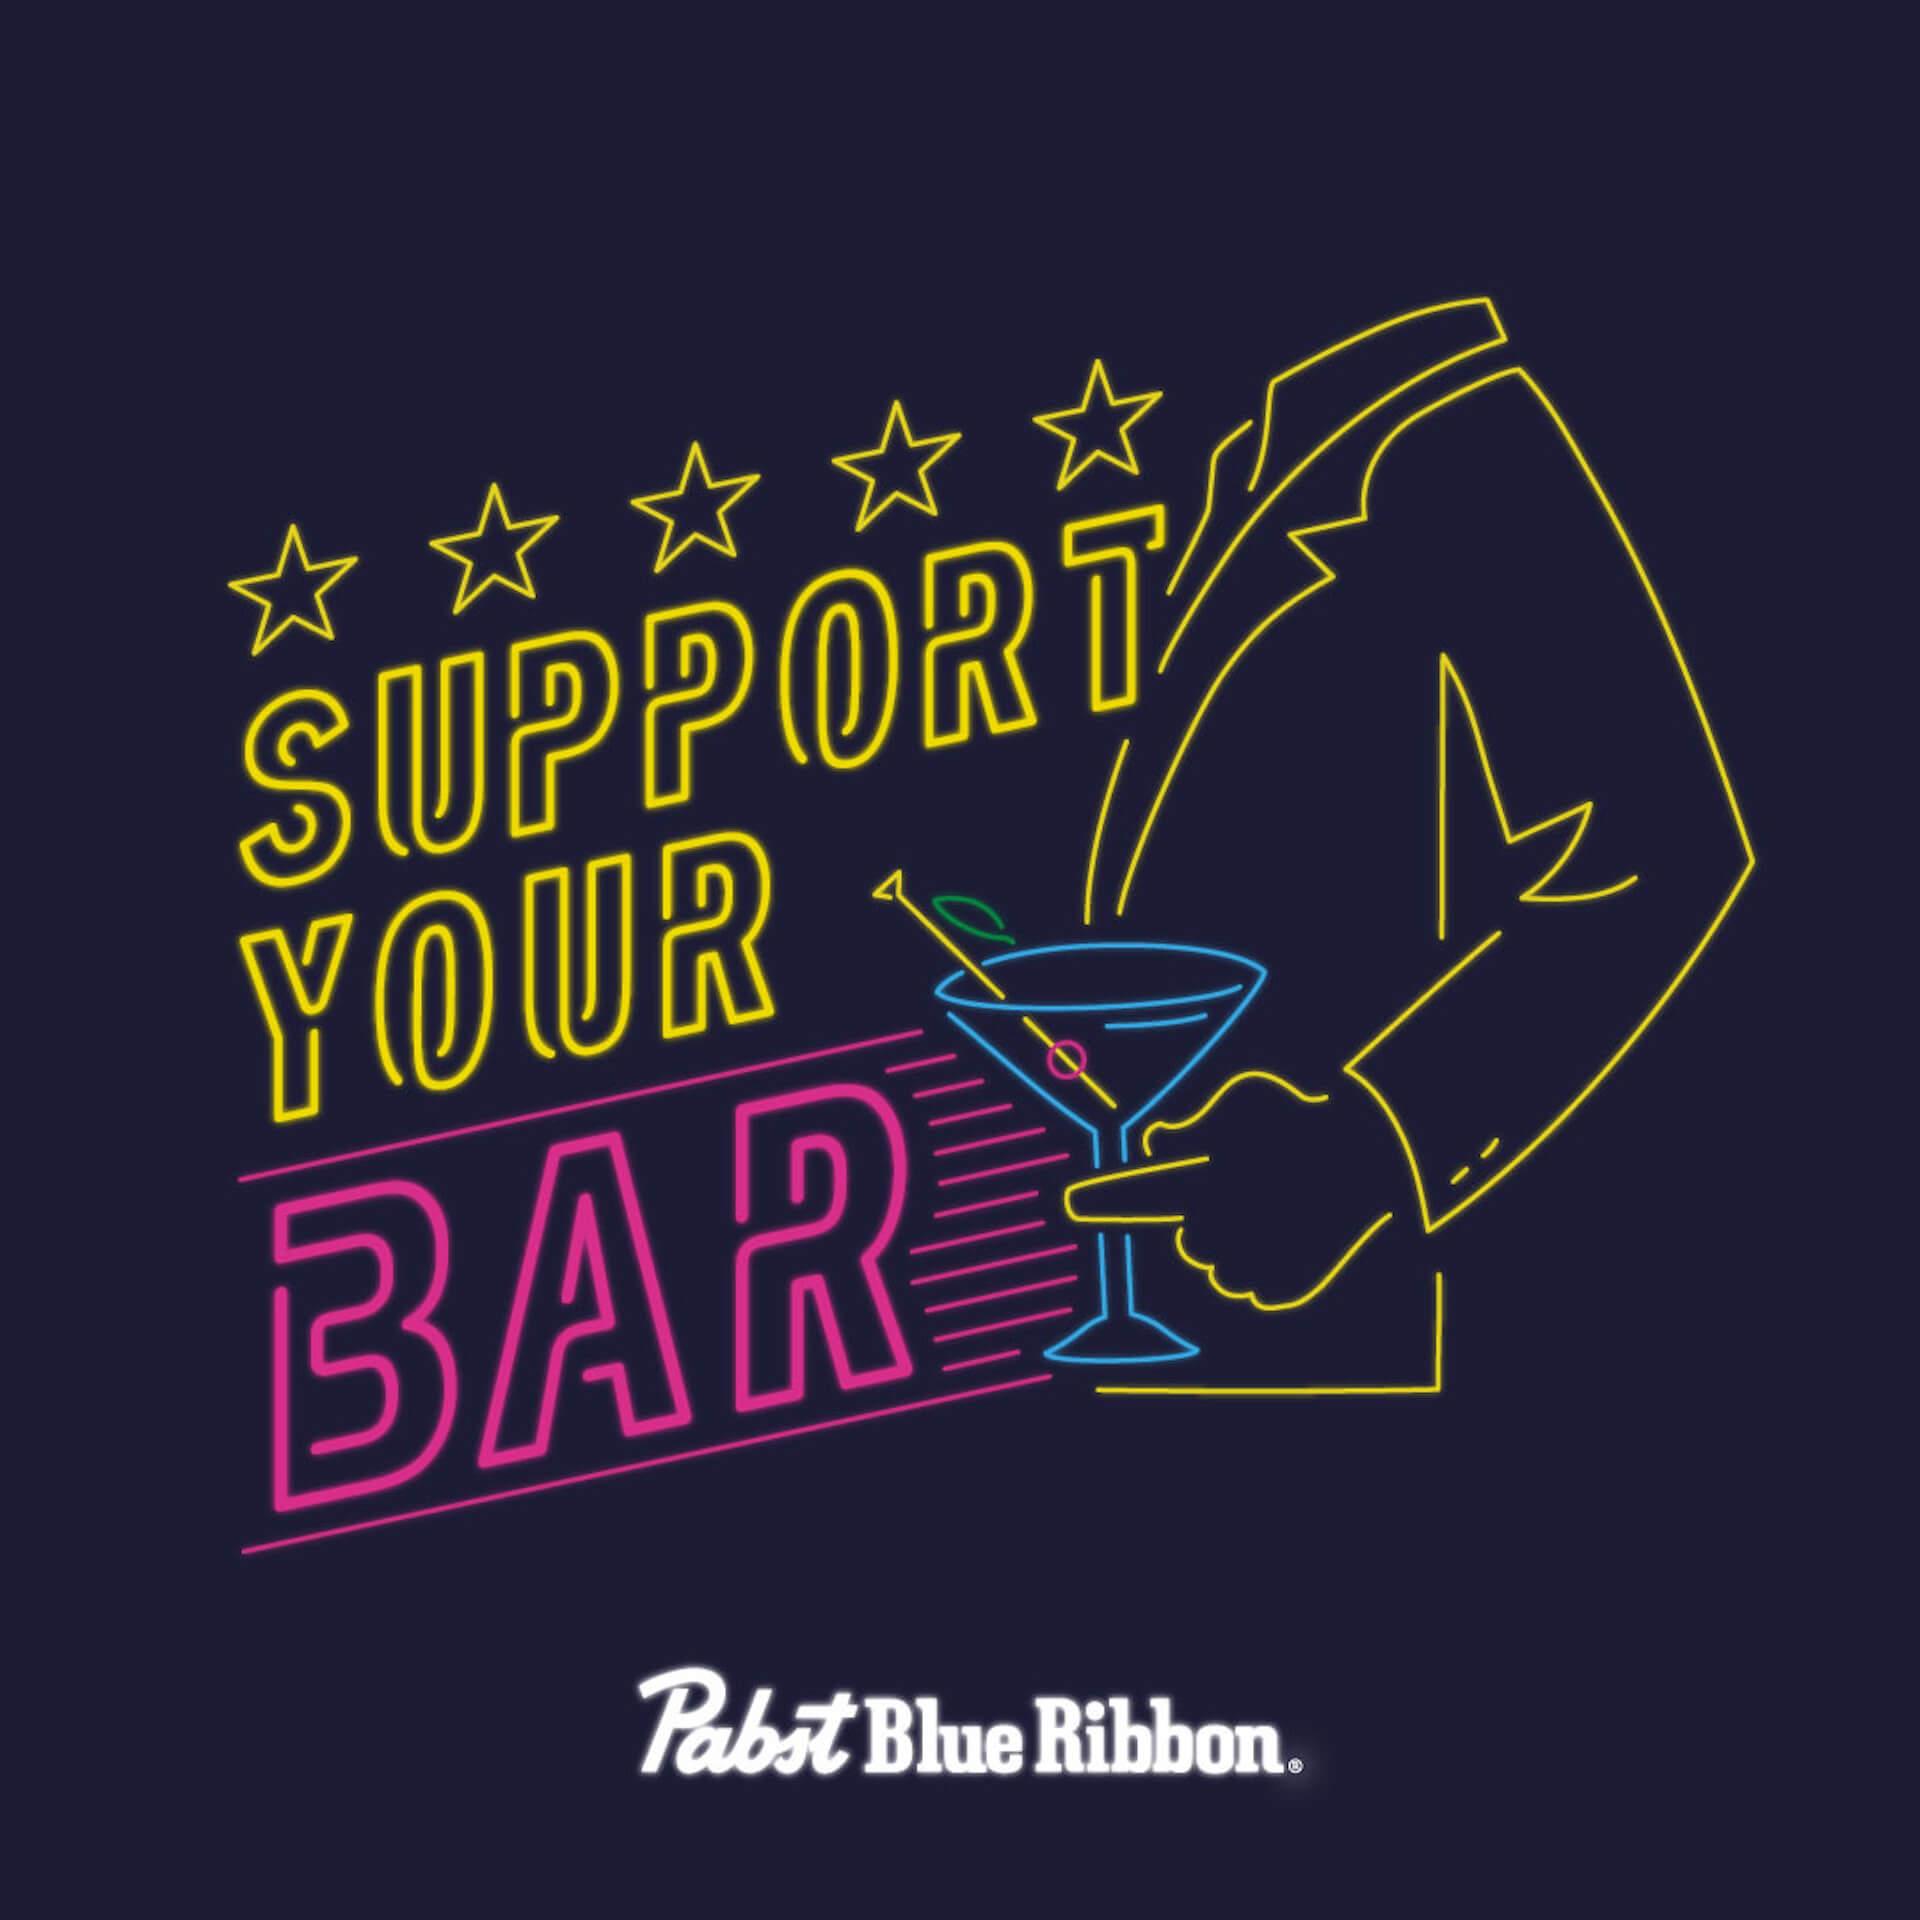 大好きなあのお店を支援しよう!PABST BLUE RIBBONがバー業界・ハンバーガー業界を支援するクラウドファンディングプロジェクトを始動 gourmet200515_supportyour_02